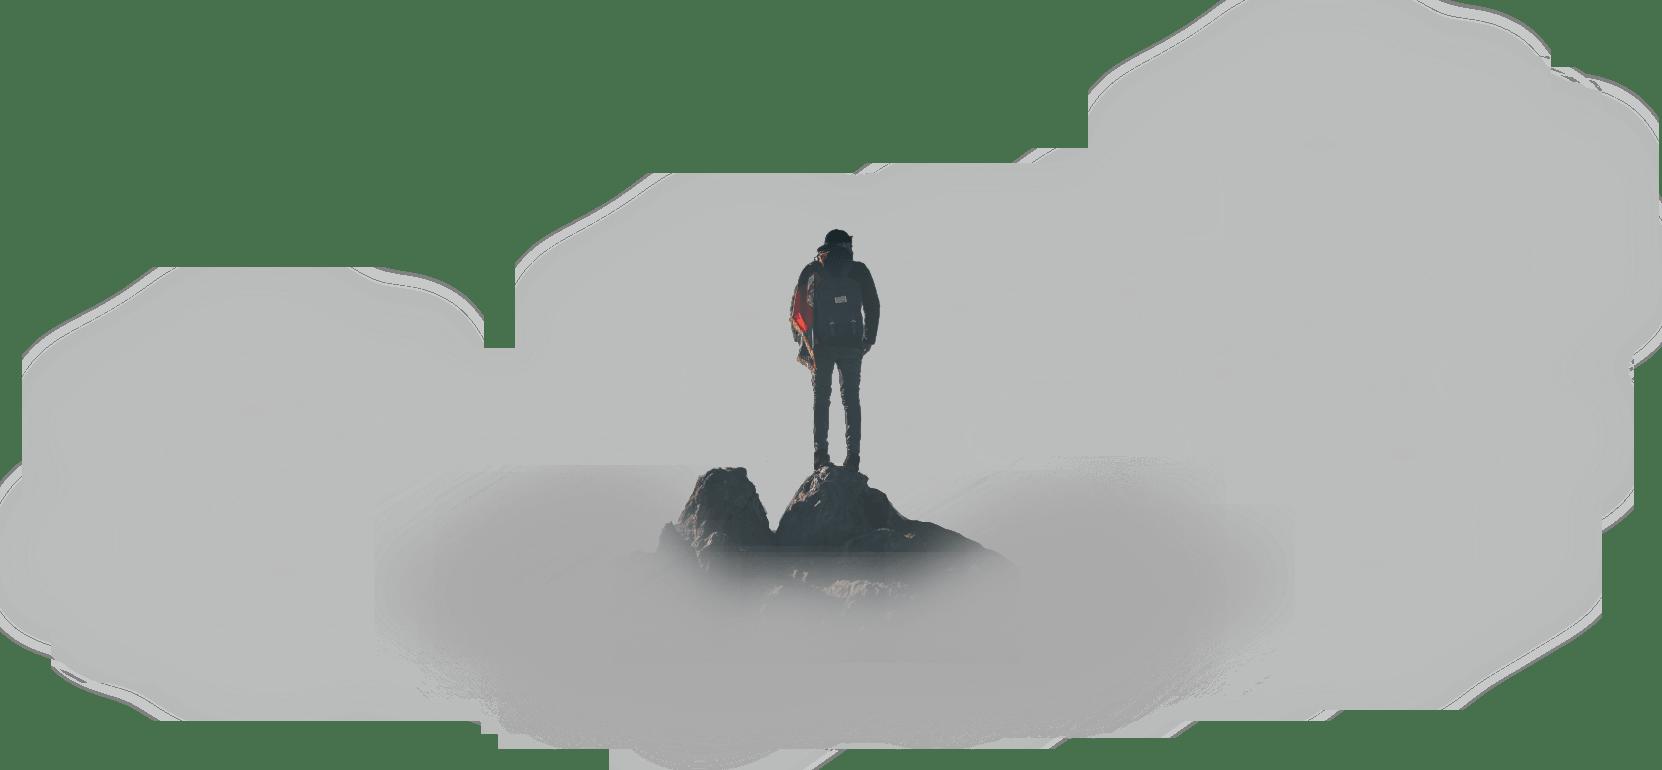 homme sur montage de dos avec nuage les petits aviateurs